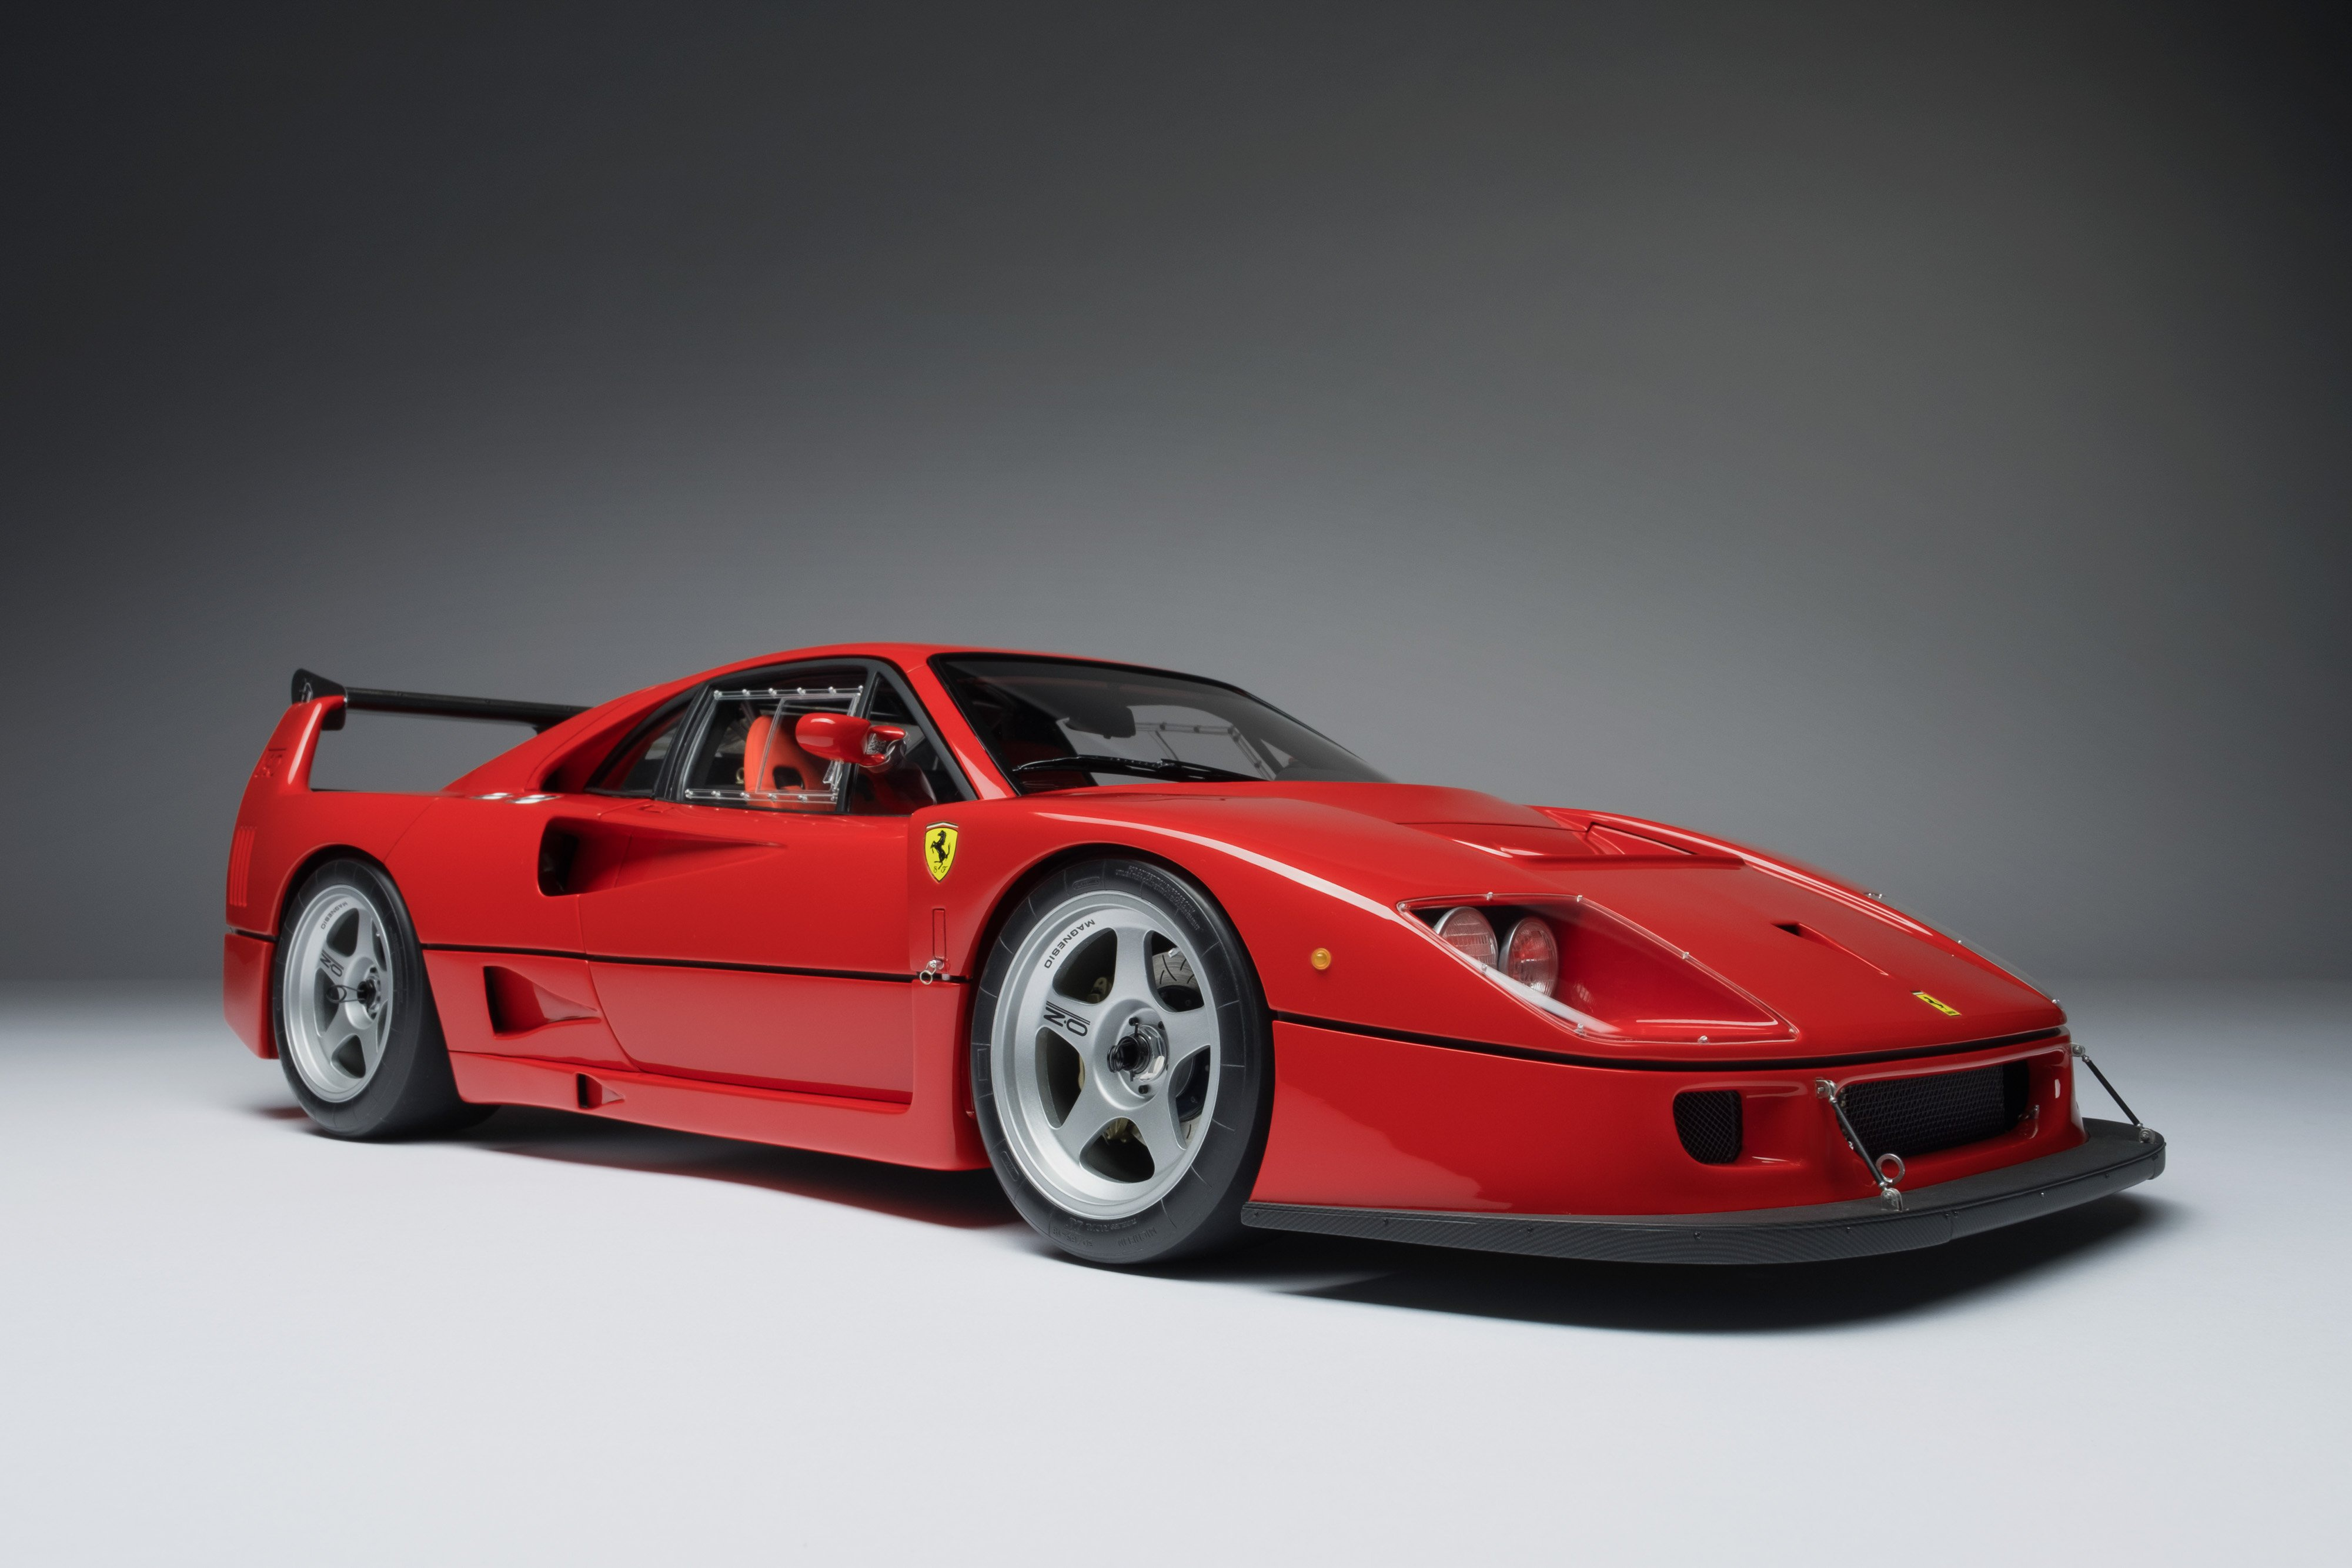 Ferrari Car Red Car Sport Car Supercar 4000x2667